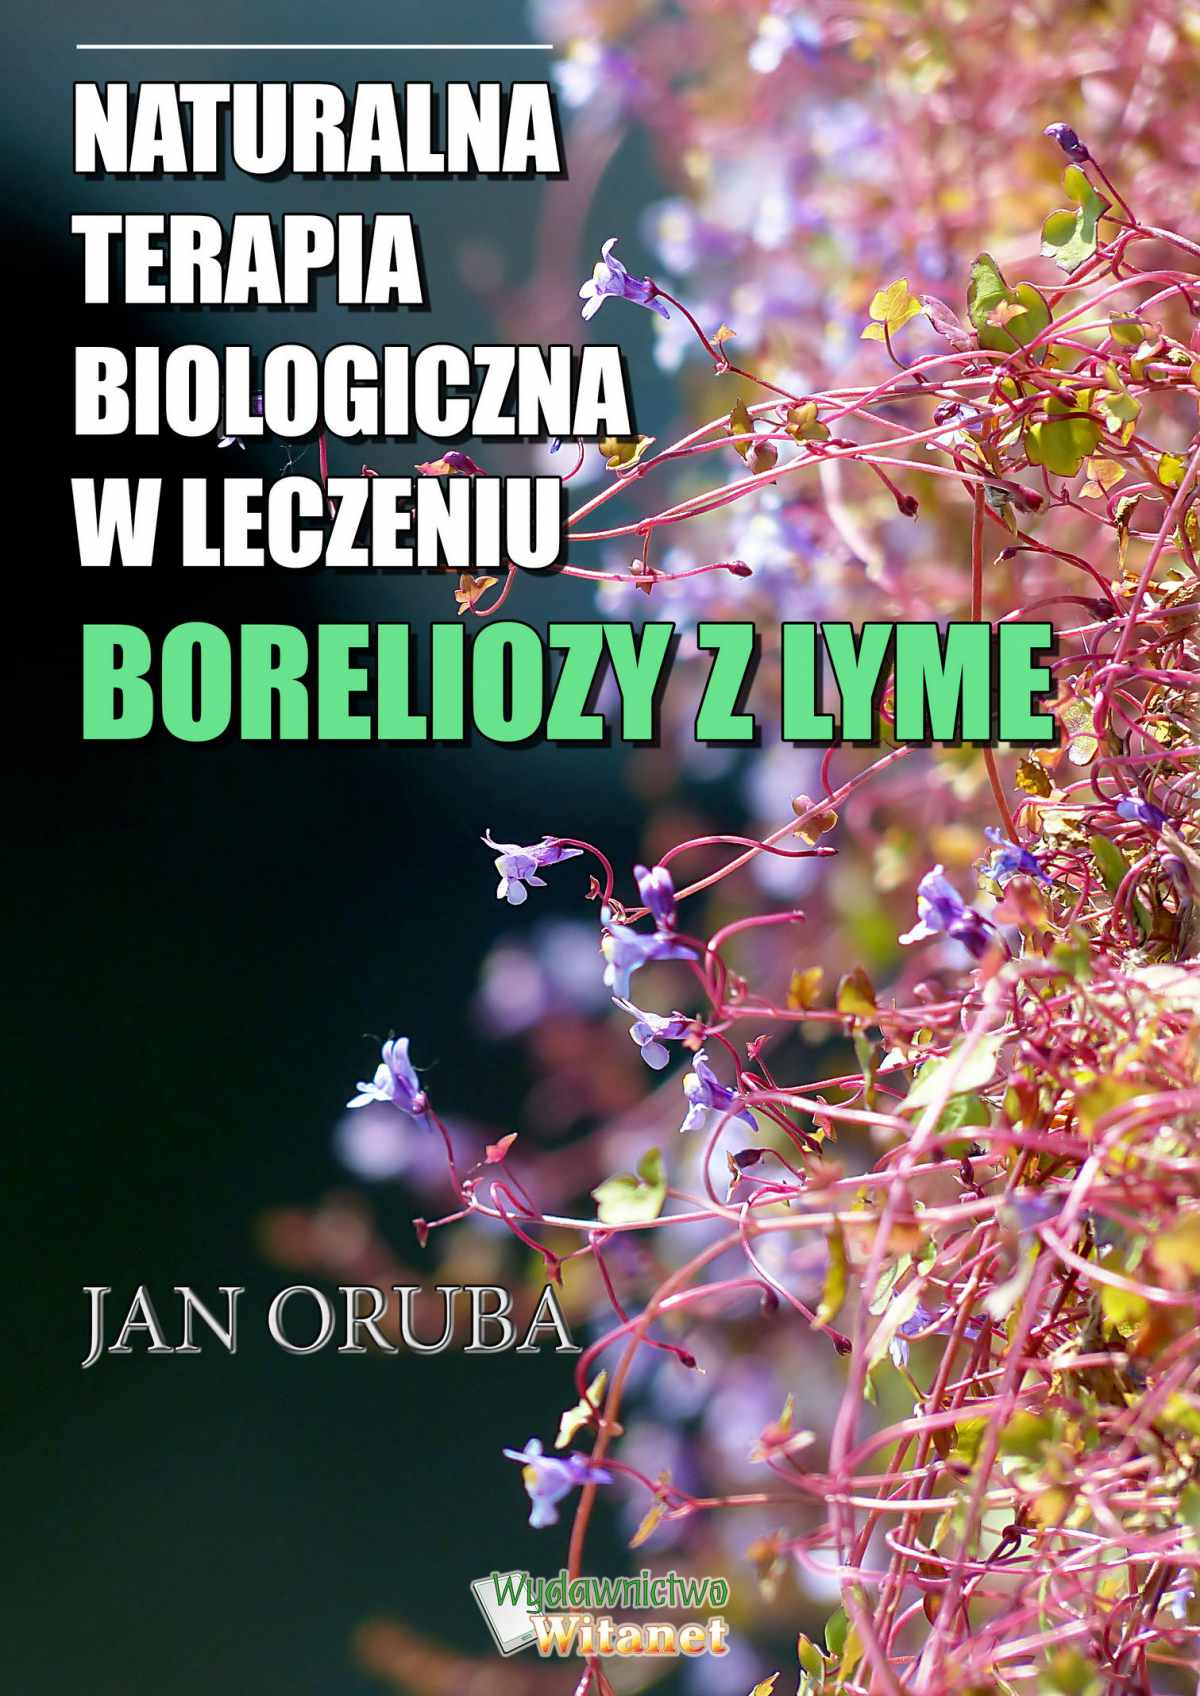 Naturalna terapia biologiczna w leczeniu boreliozy z Lyme - Ebook (Książka na Kindle) do pobrania w formacie MOBI